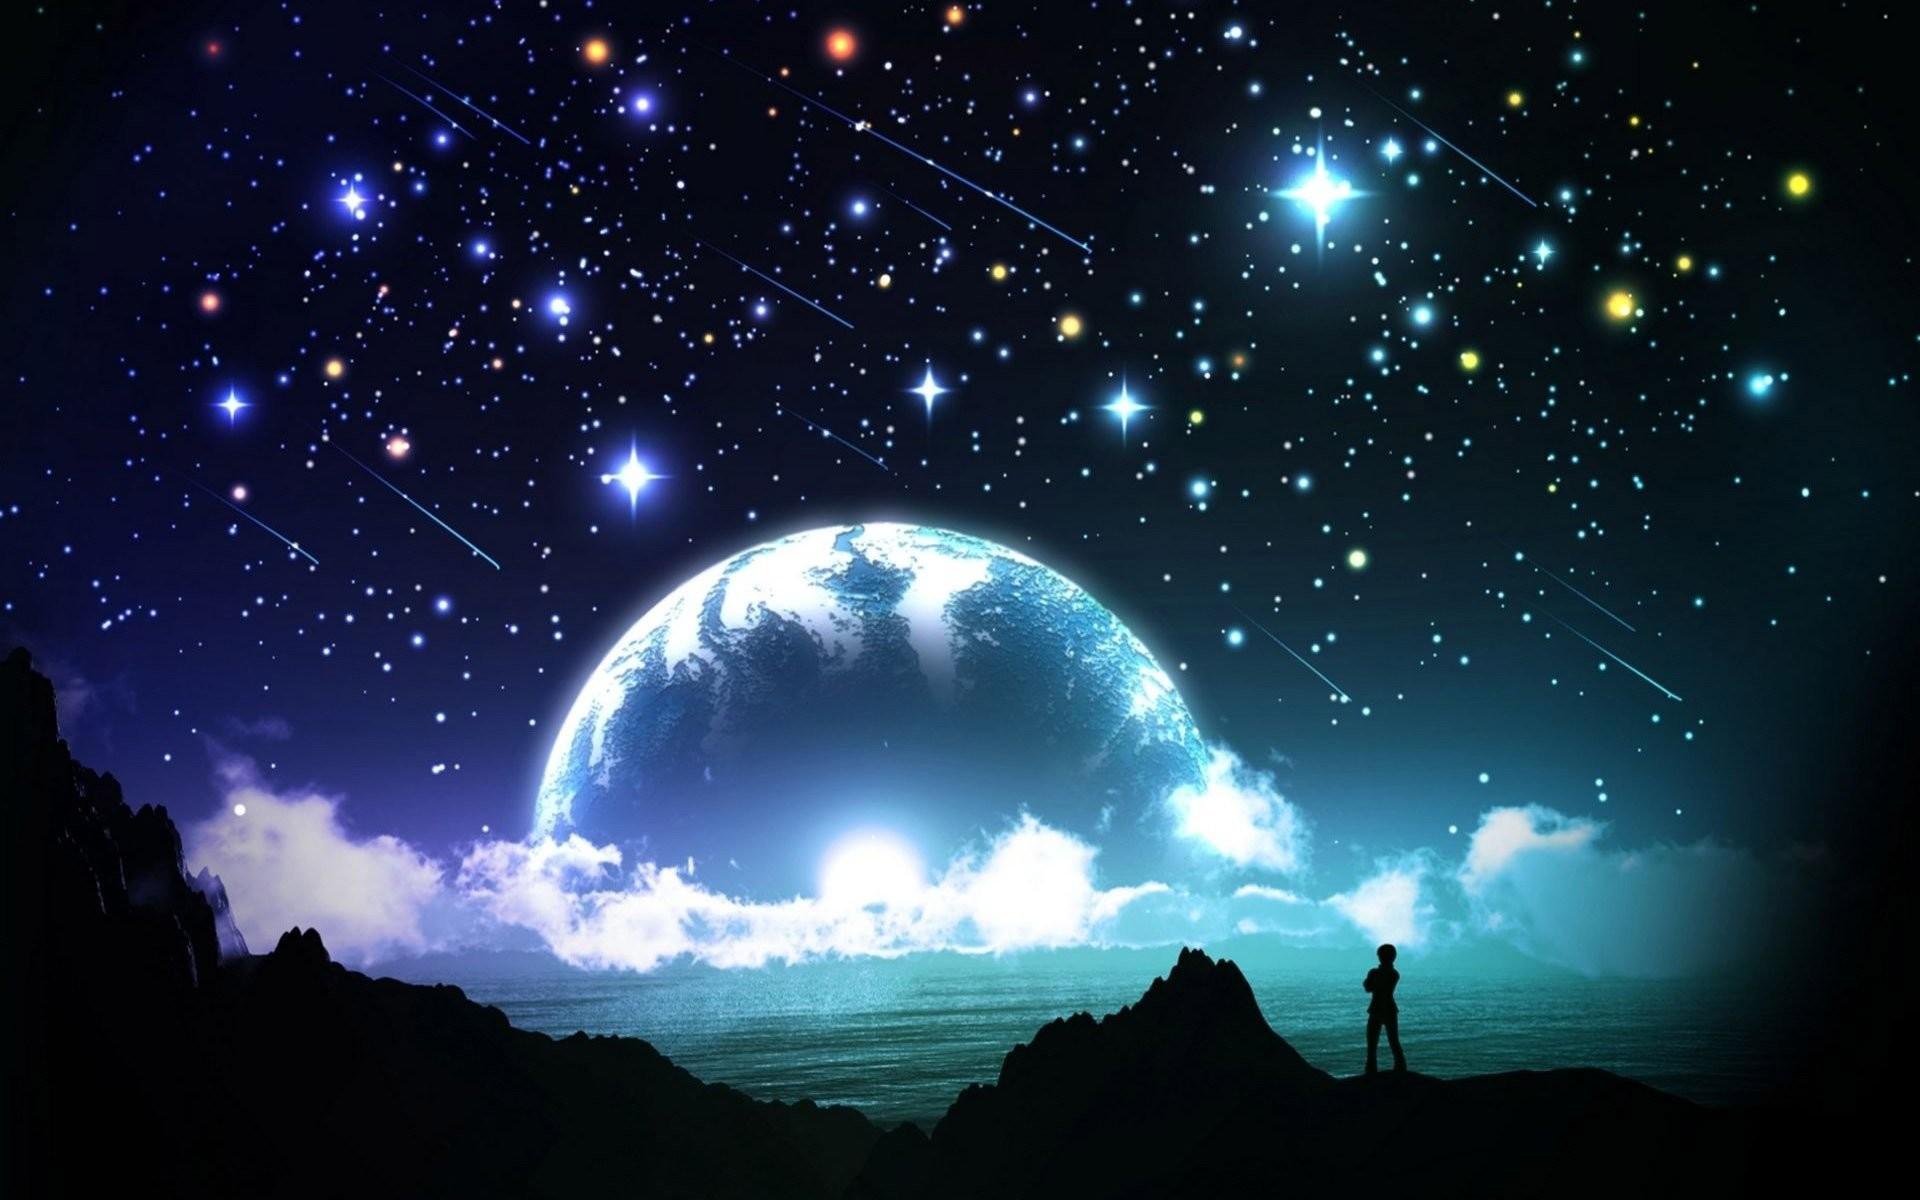 https://www.walldevil.com/wallpapers/a88/night-sky-star-moon-cloud-sea-ocean.jpg  | Twinkle Twinkle… | Pinterest | Wallpaper